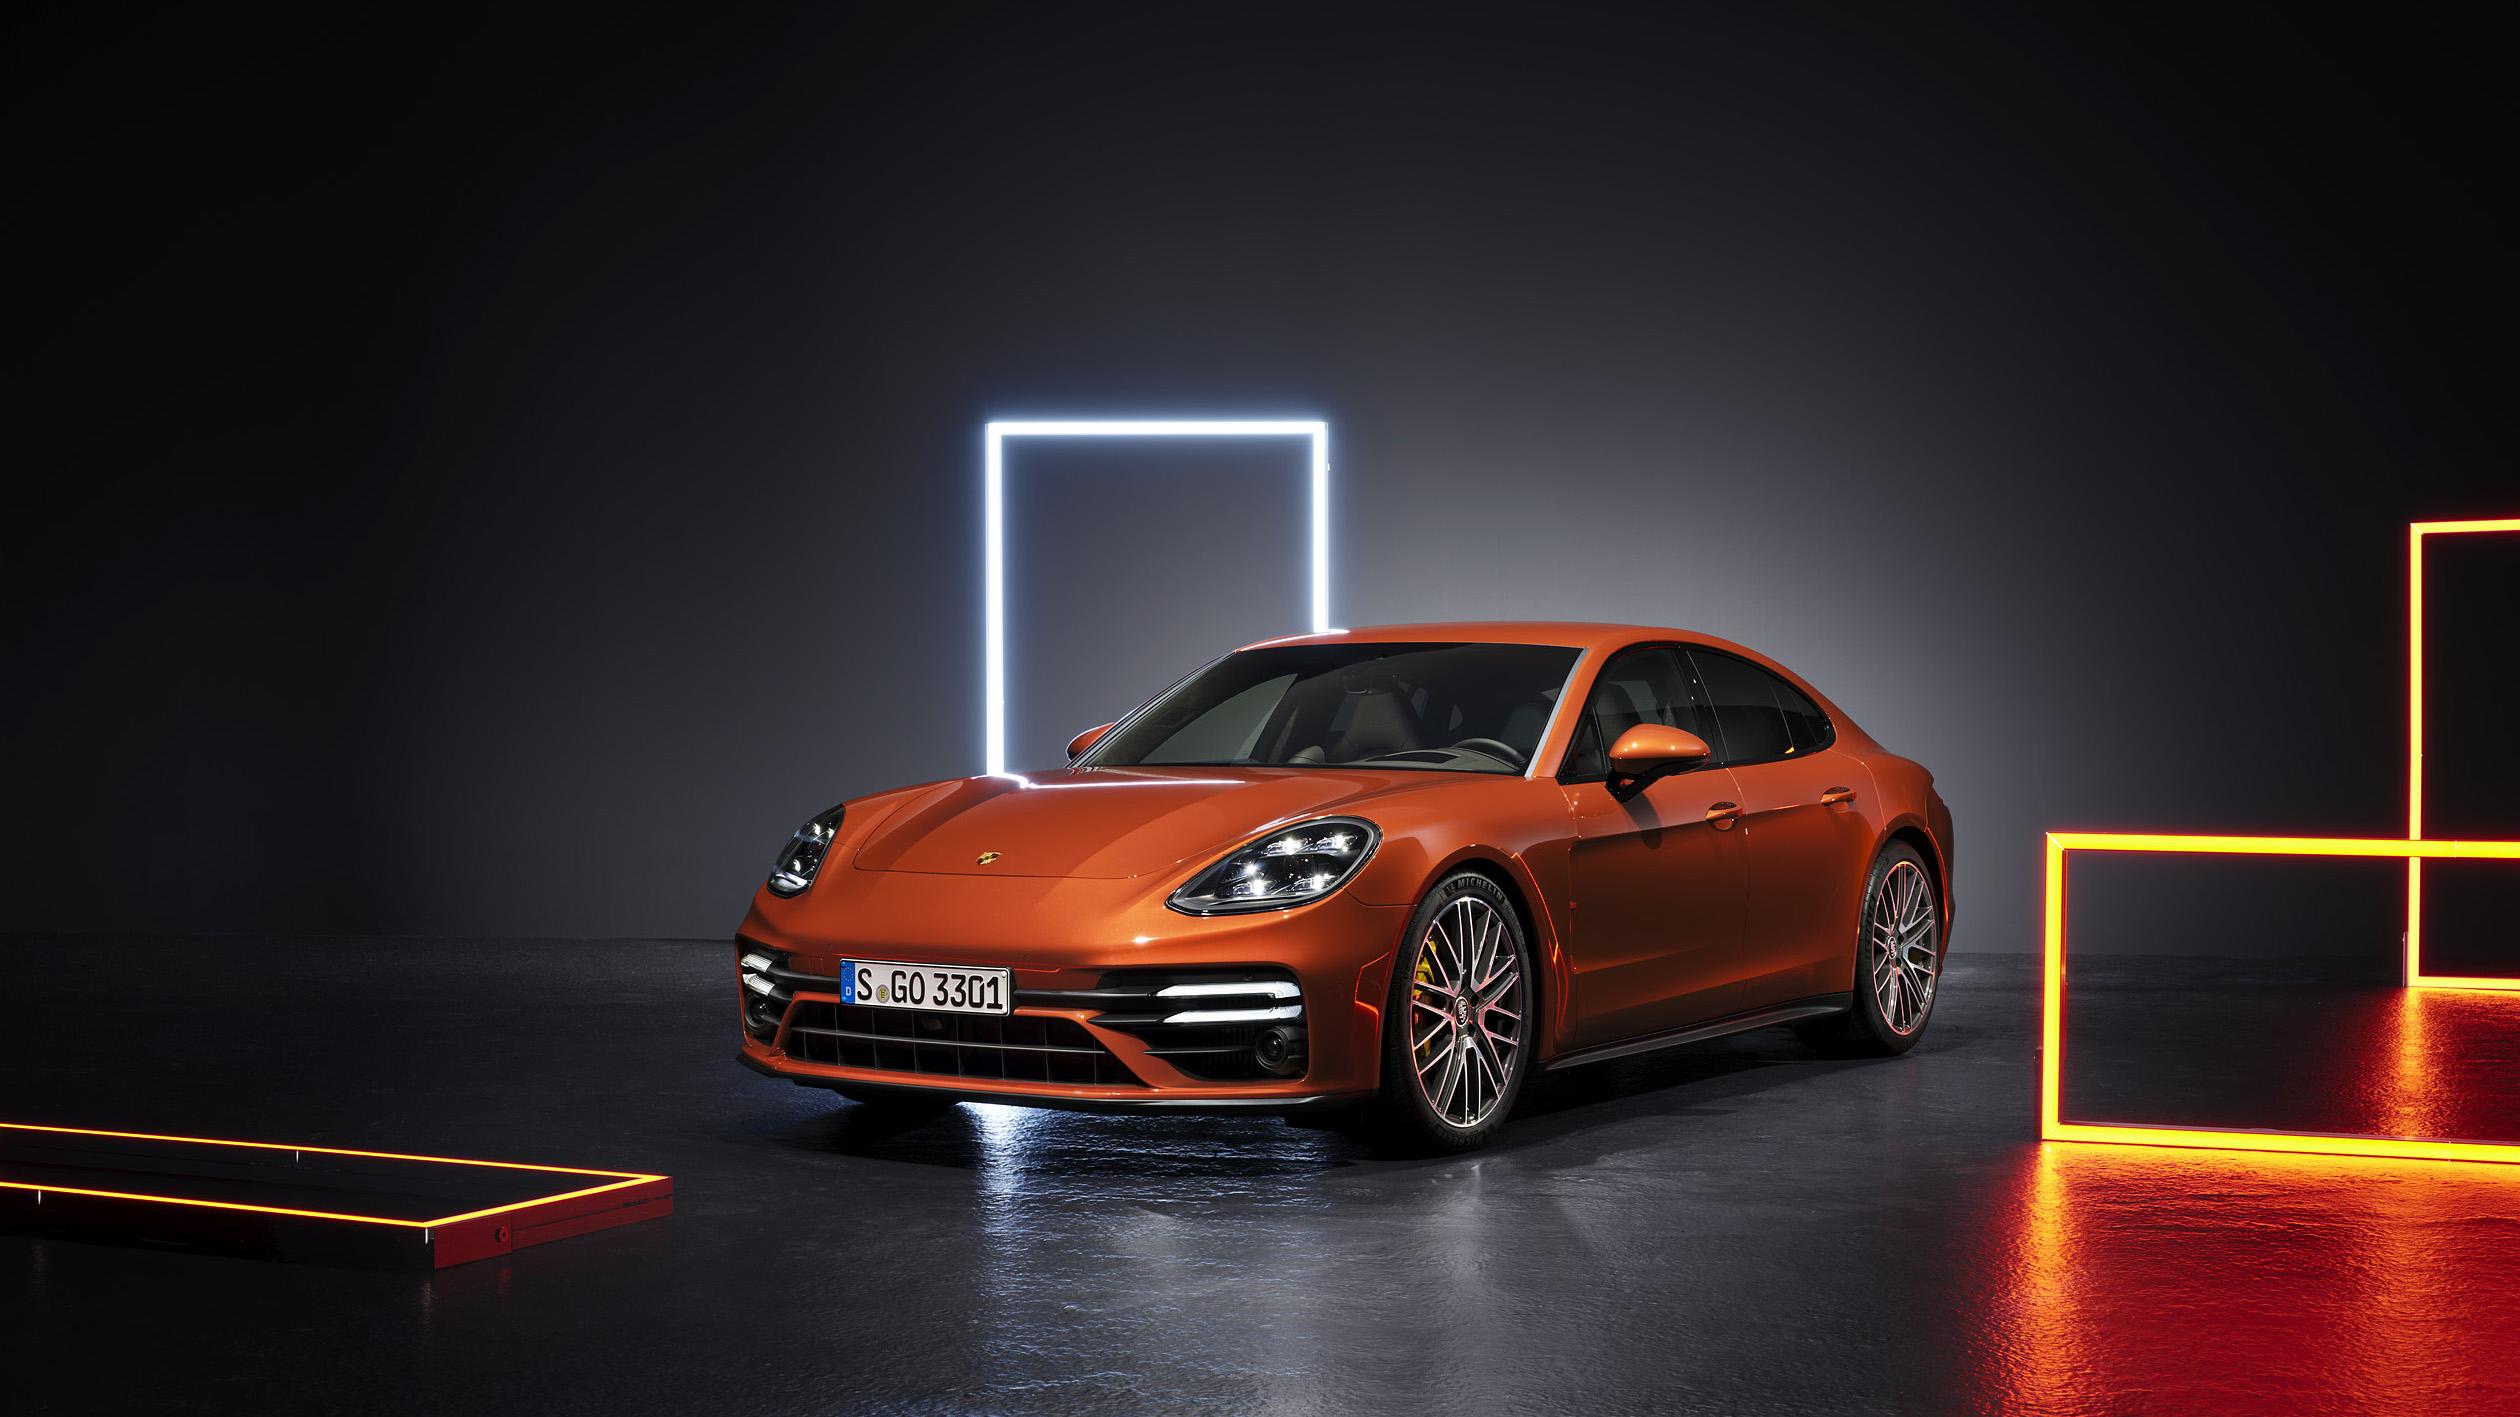 小改款 Porsche Panamera 499 萬起,頂級車型 3.1 秒破百